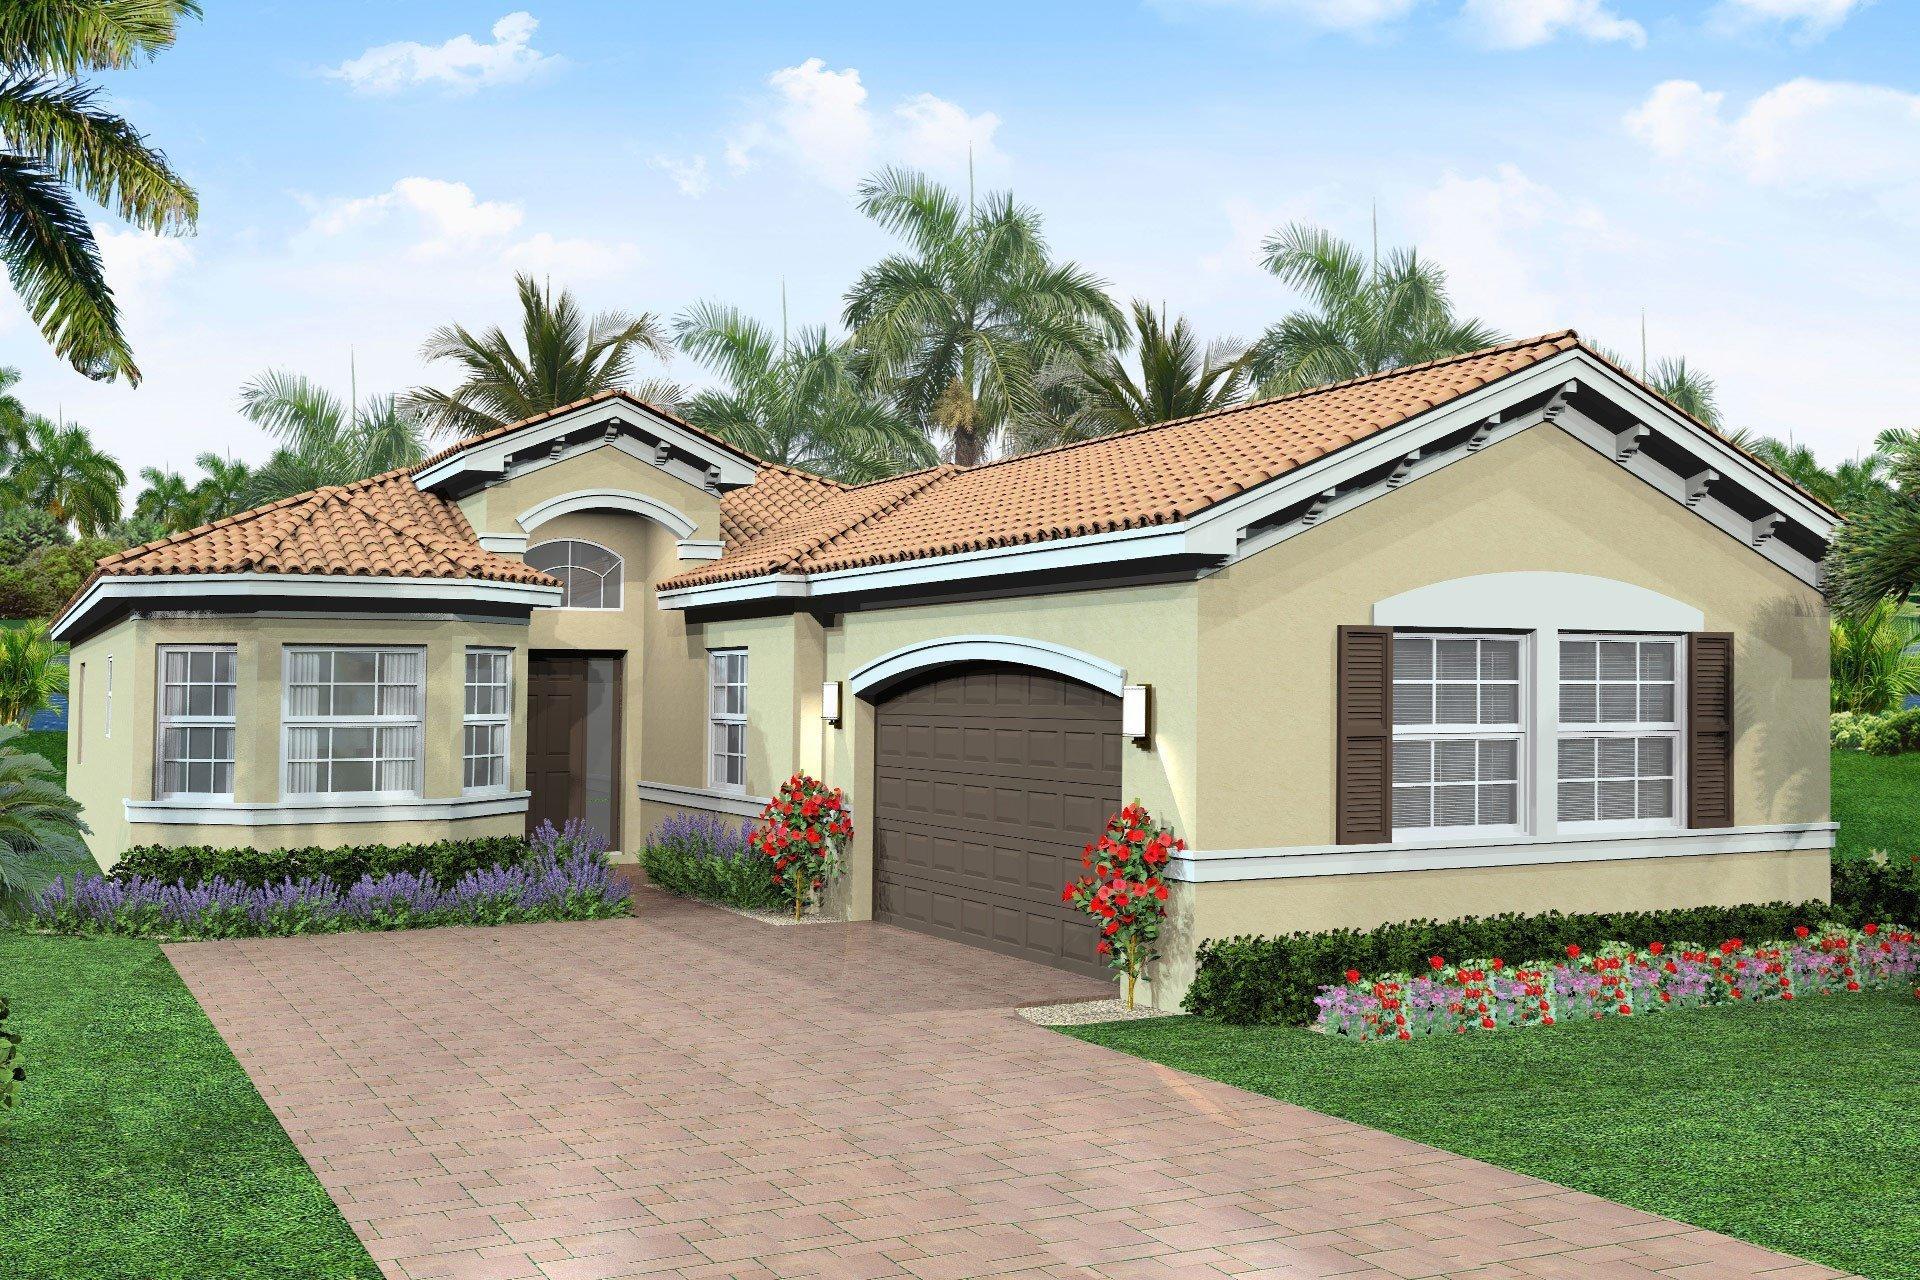 9544 Prosecco Street  Boynton Beach, FL 33473